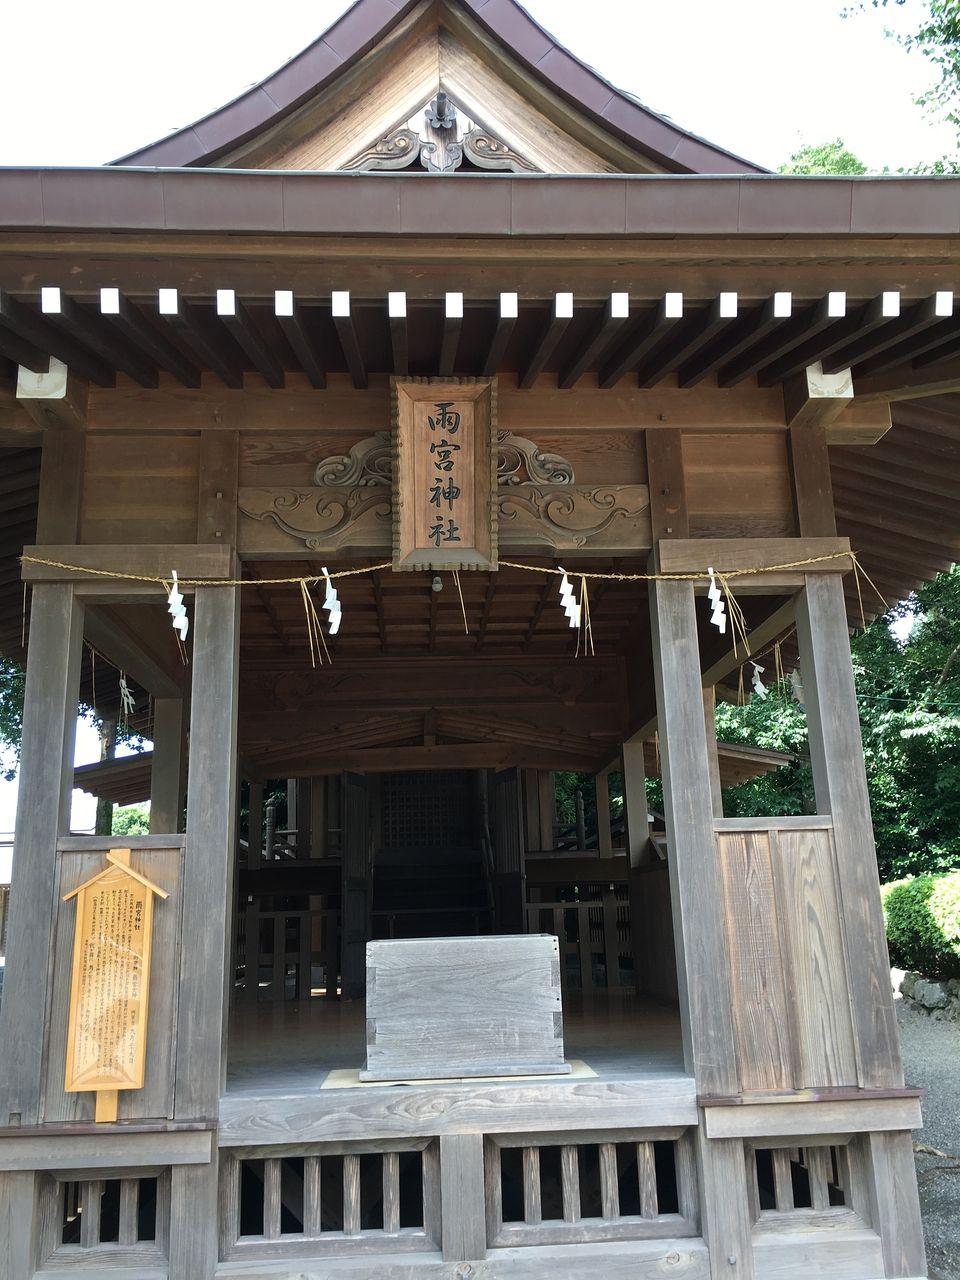 本殿北側に鎮座する雨宮神社